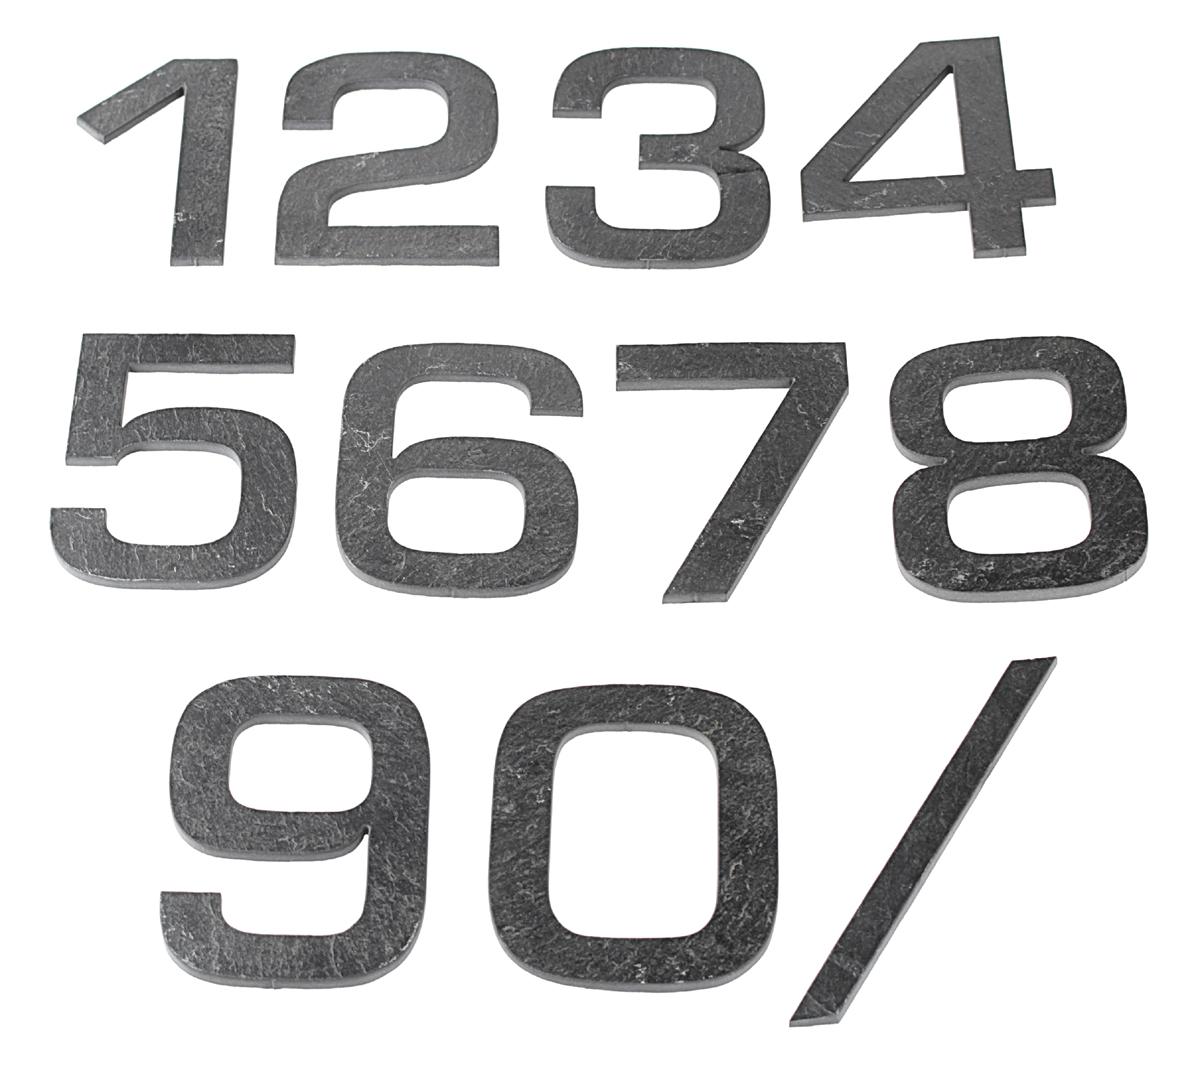 Domovní číslo popisné Břidlice EUROMODE - č. 1